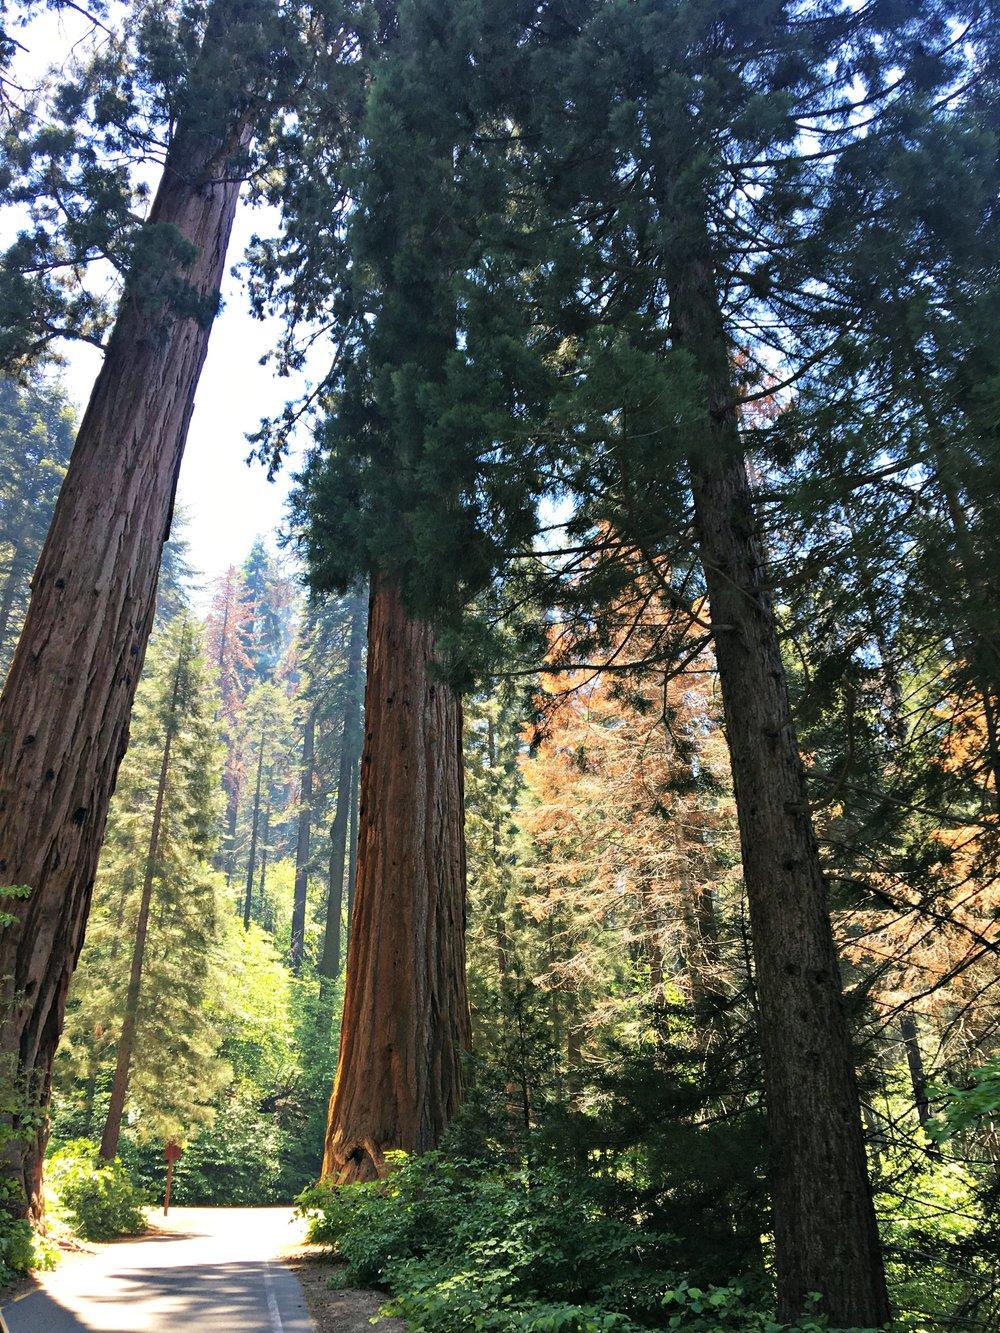 walking among tree giants Sequoia National Park